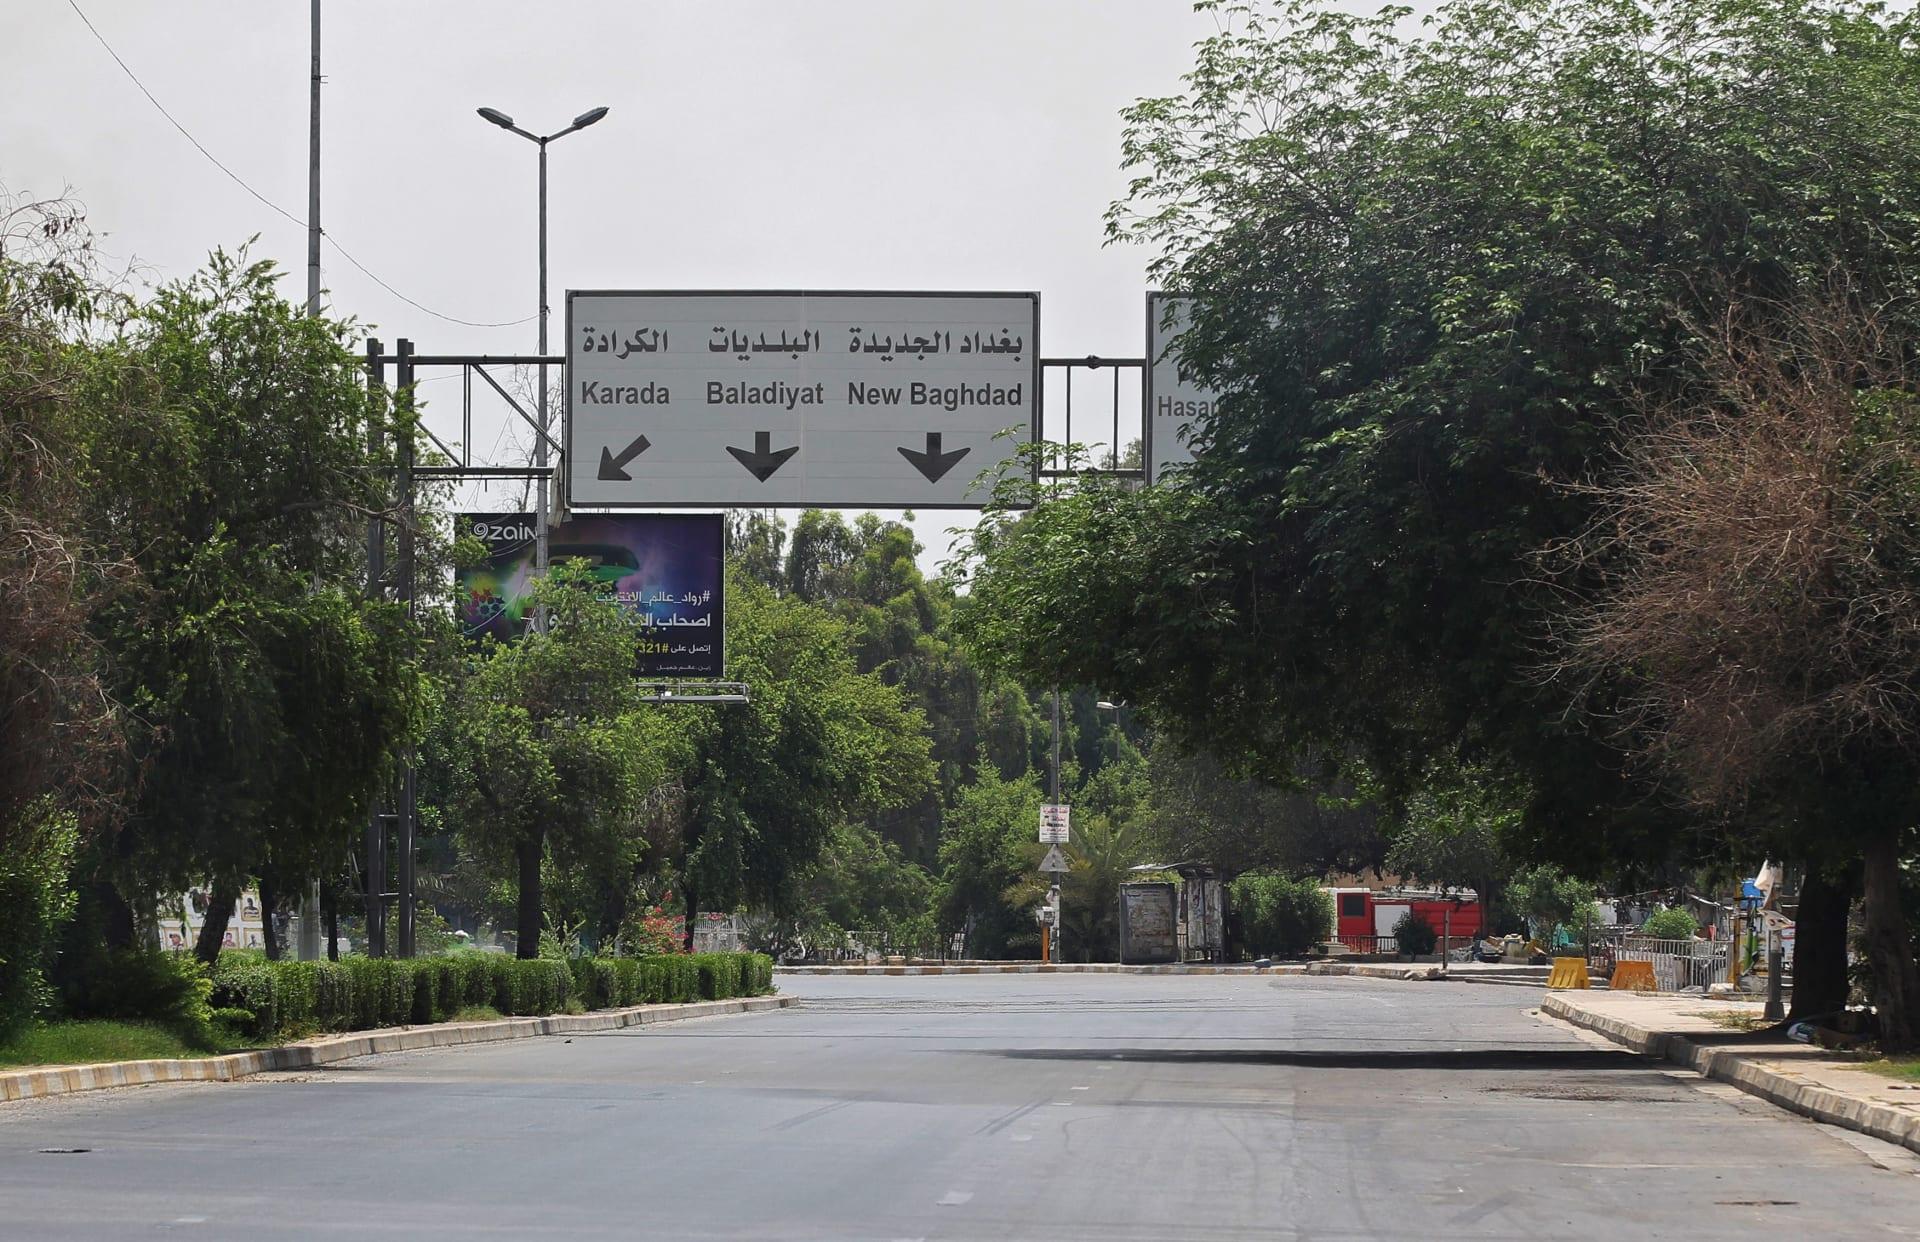 العراق.. اختطاف ناشطة ألمانية في وسط بغداد والداخلية تُشرف على التحقيقات